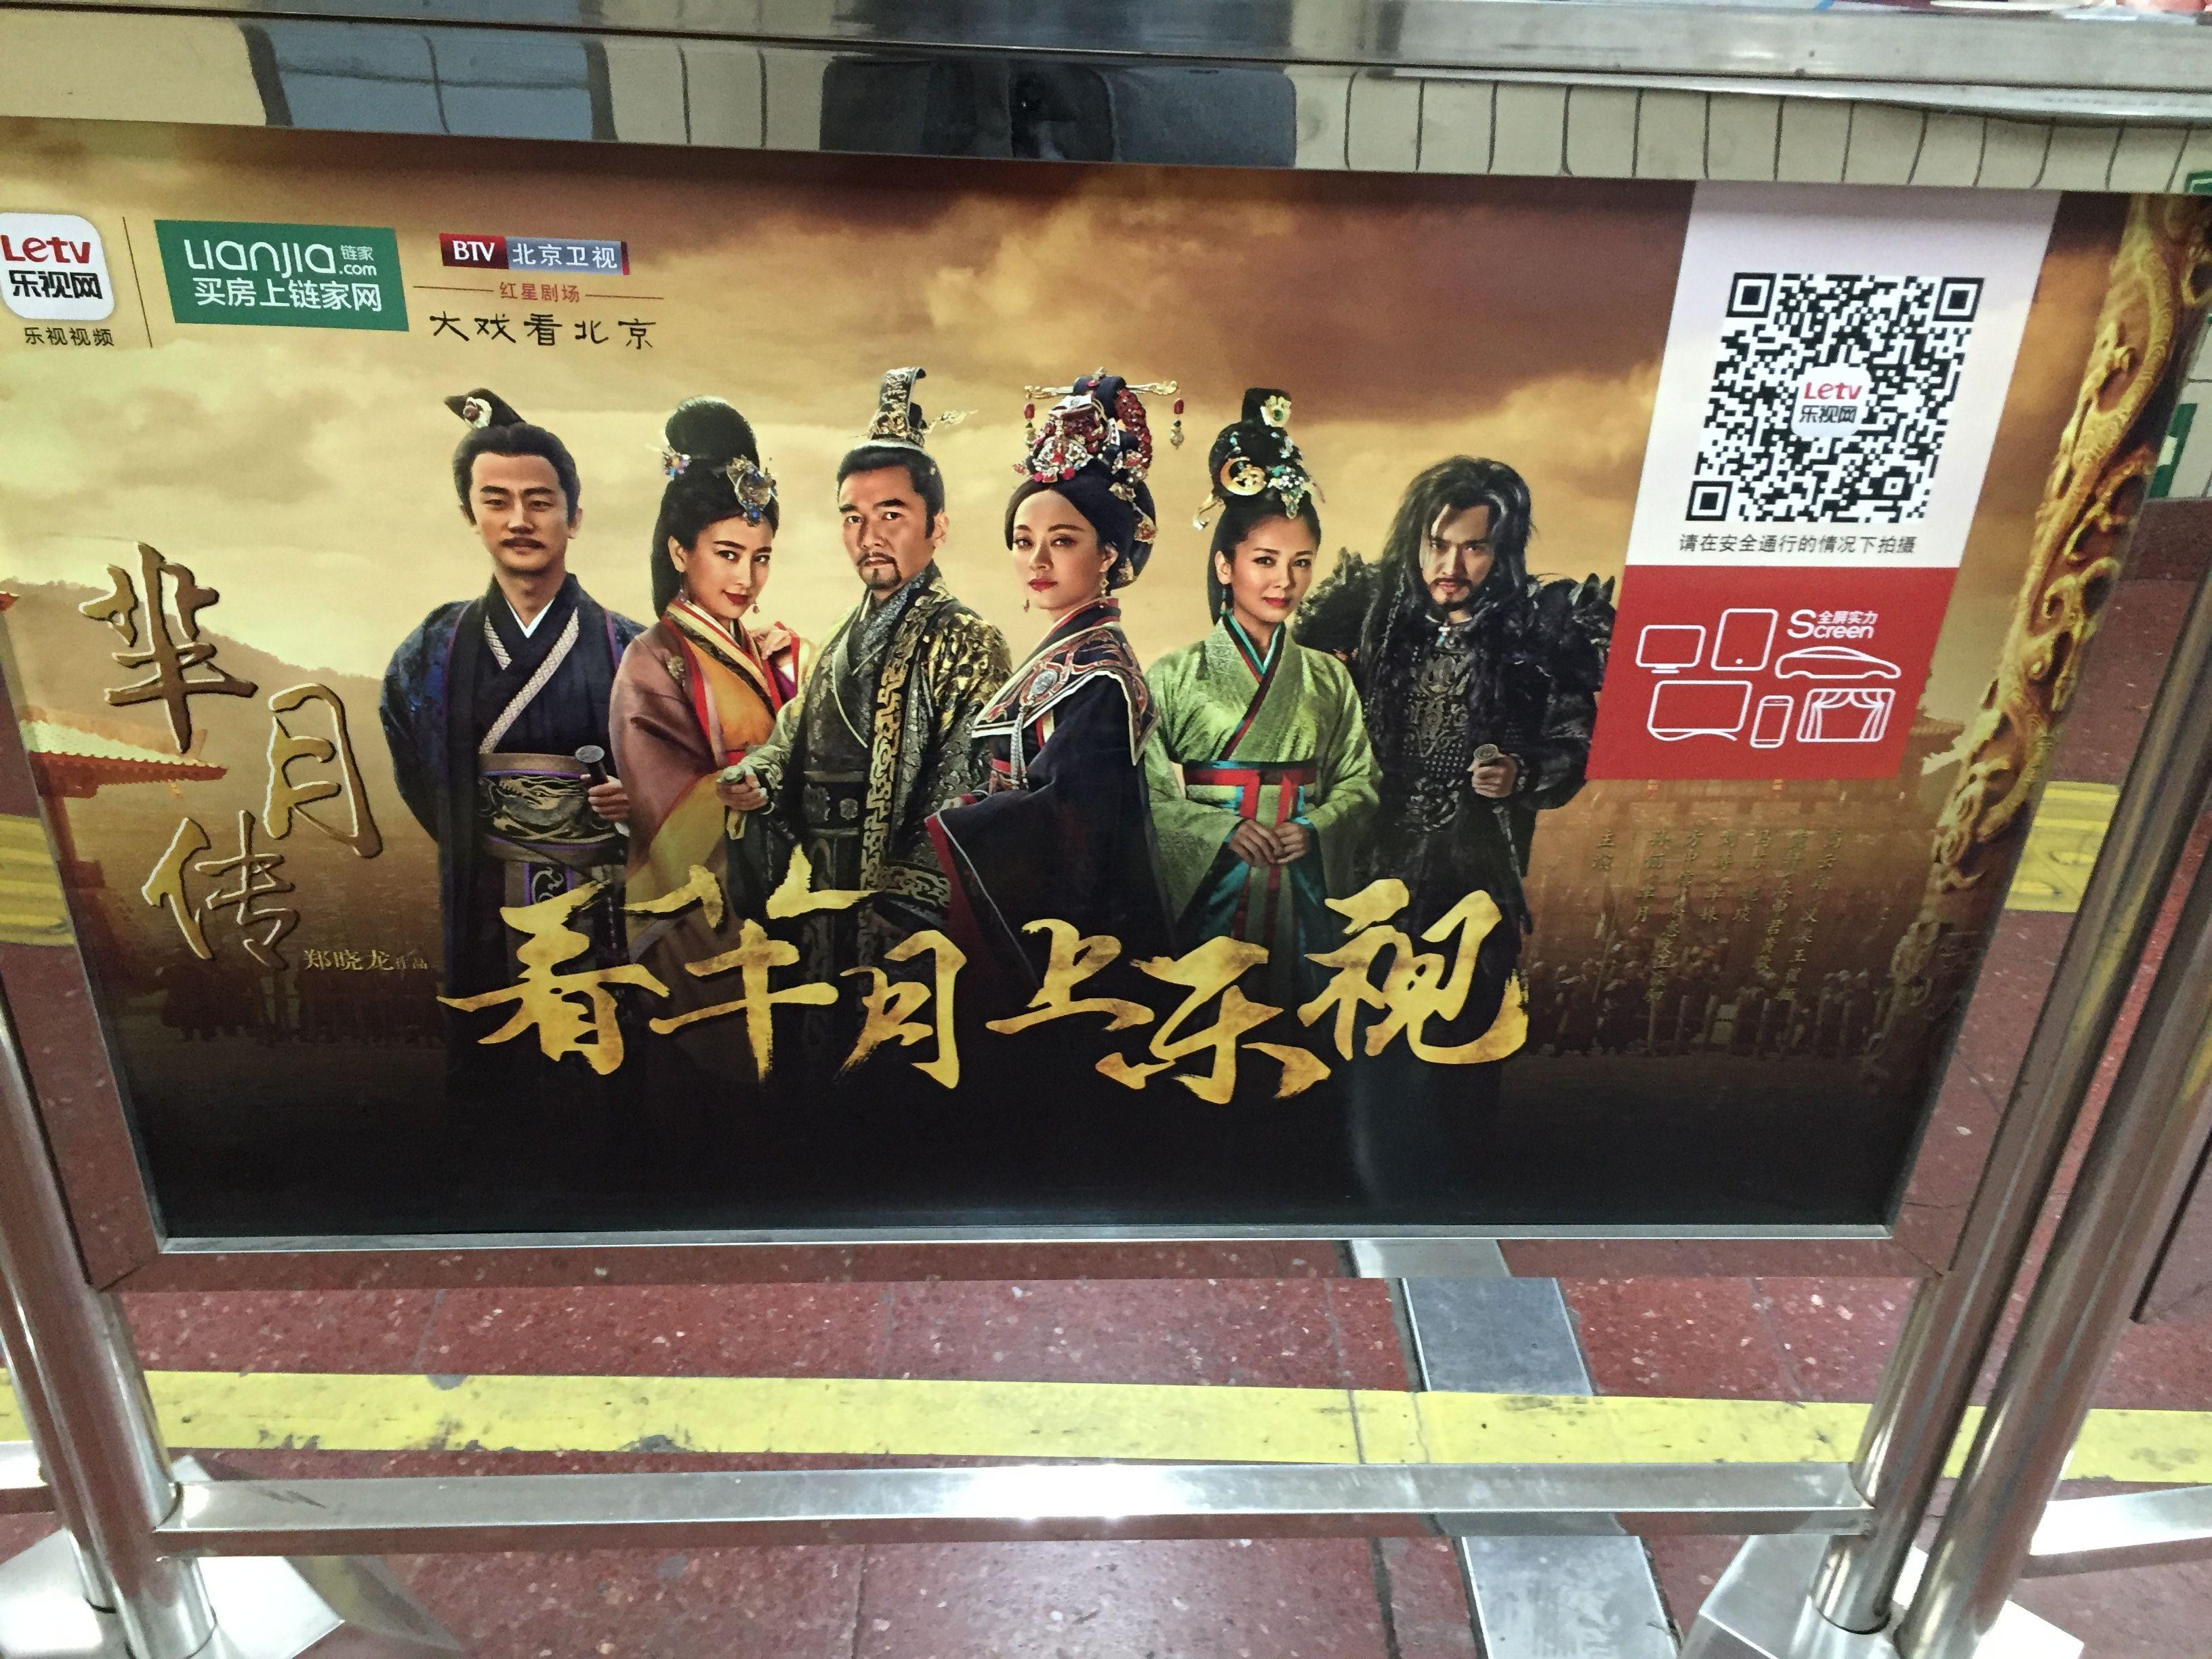 Beijing. Jan 16